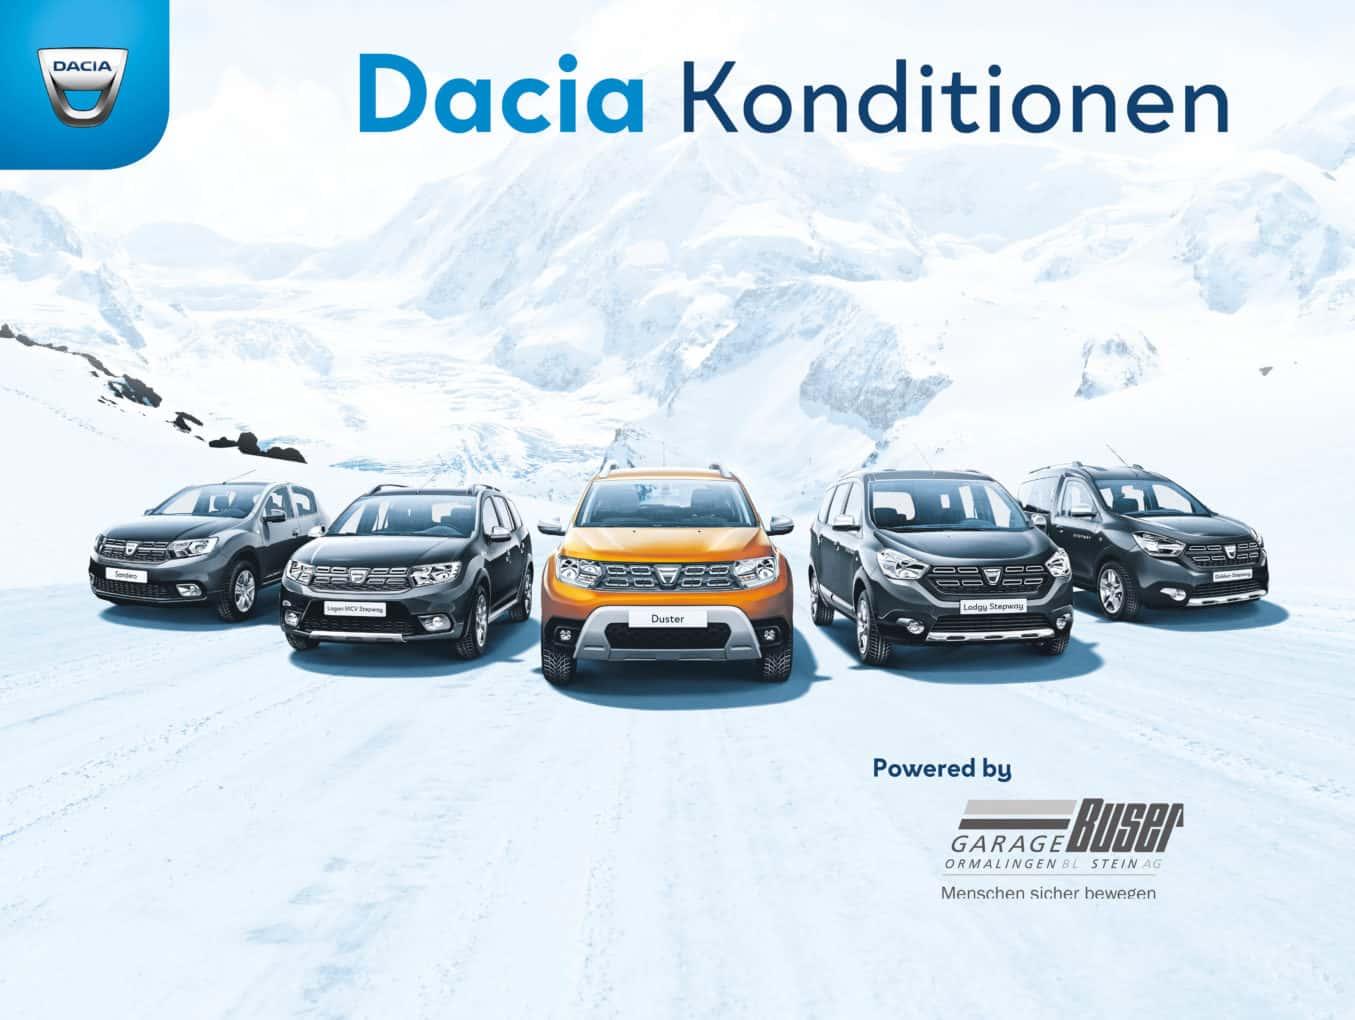 Dacia Konditionen